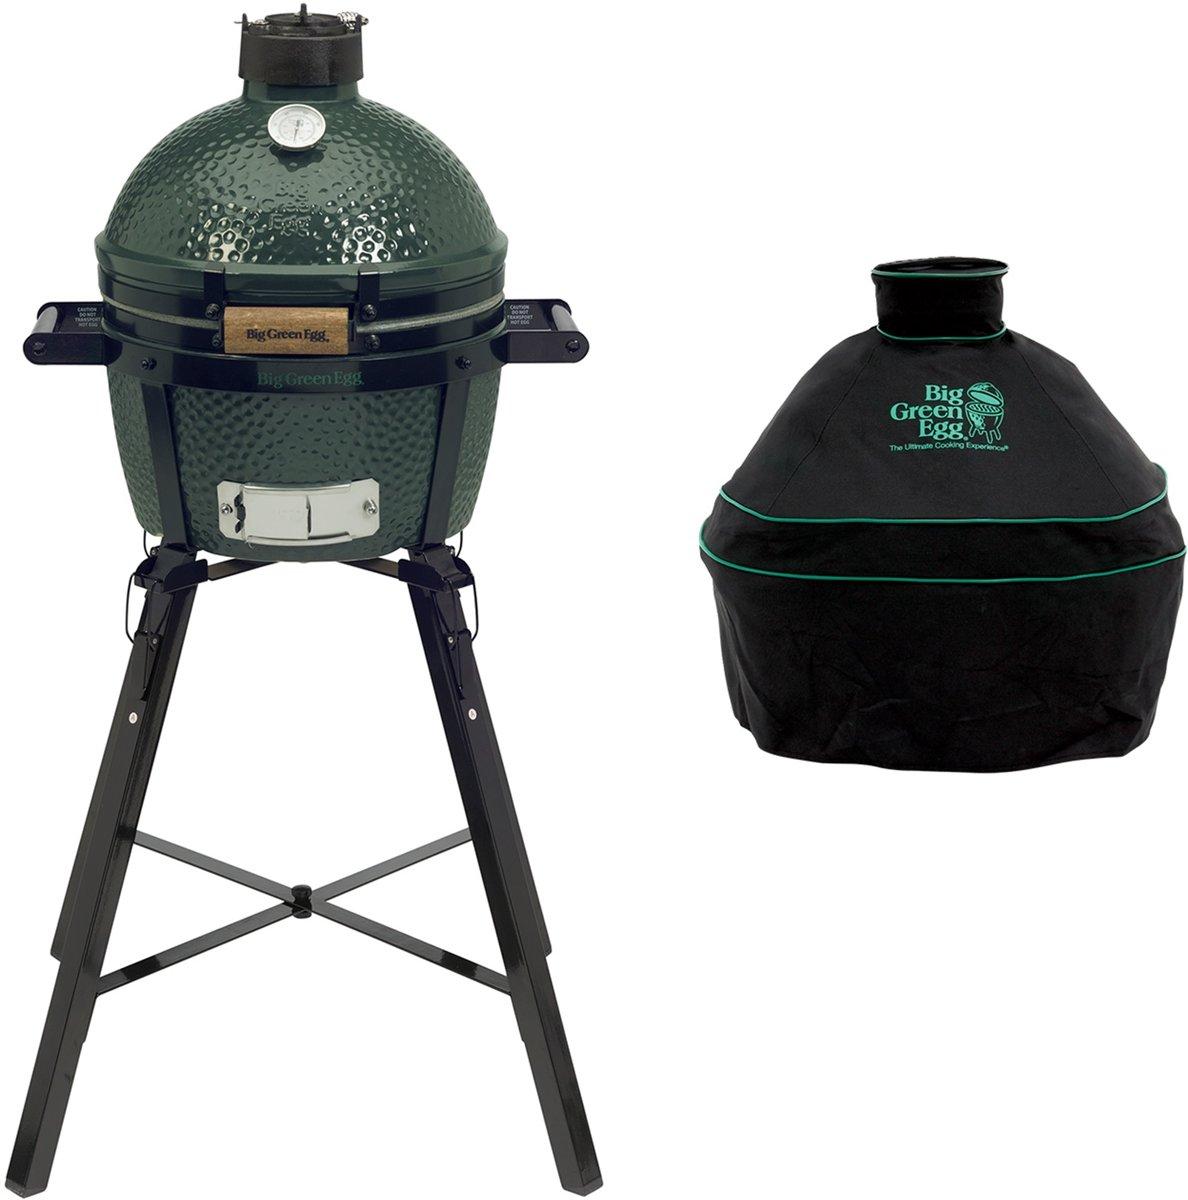 Big Green Egg Minimax Houtskoolbarbecue met Portable Nest en Hoes kopen